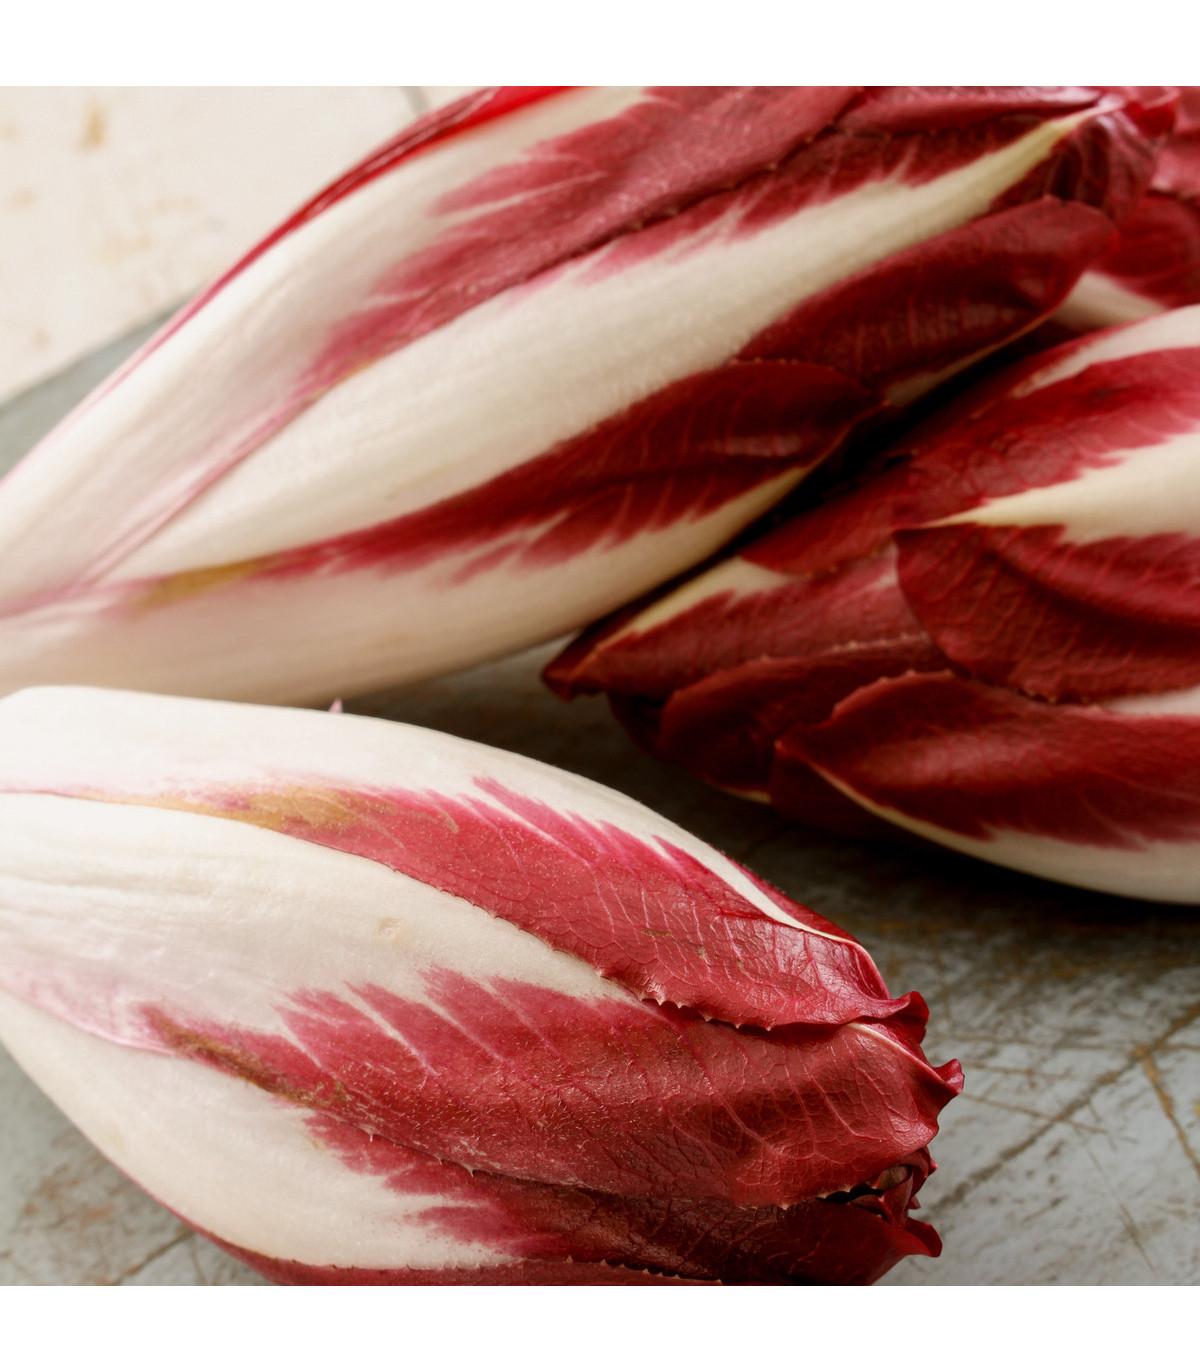 čekanka salátová Palla rosa - Cichorium intybus - prodej osiva čekanky - 200 ks